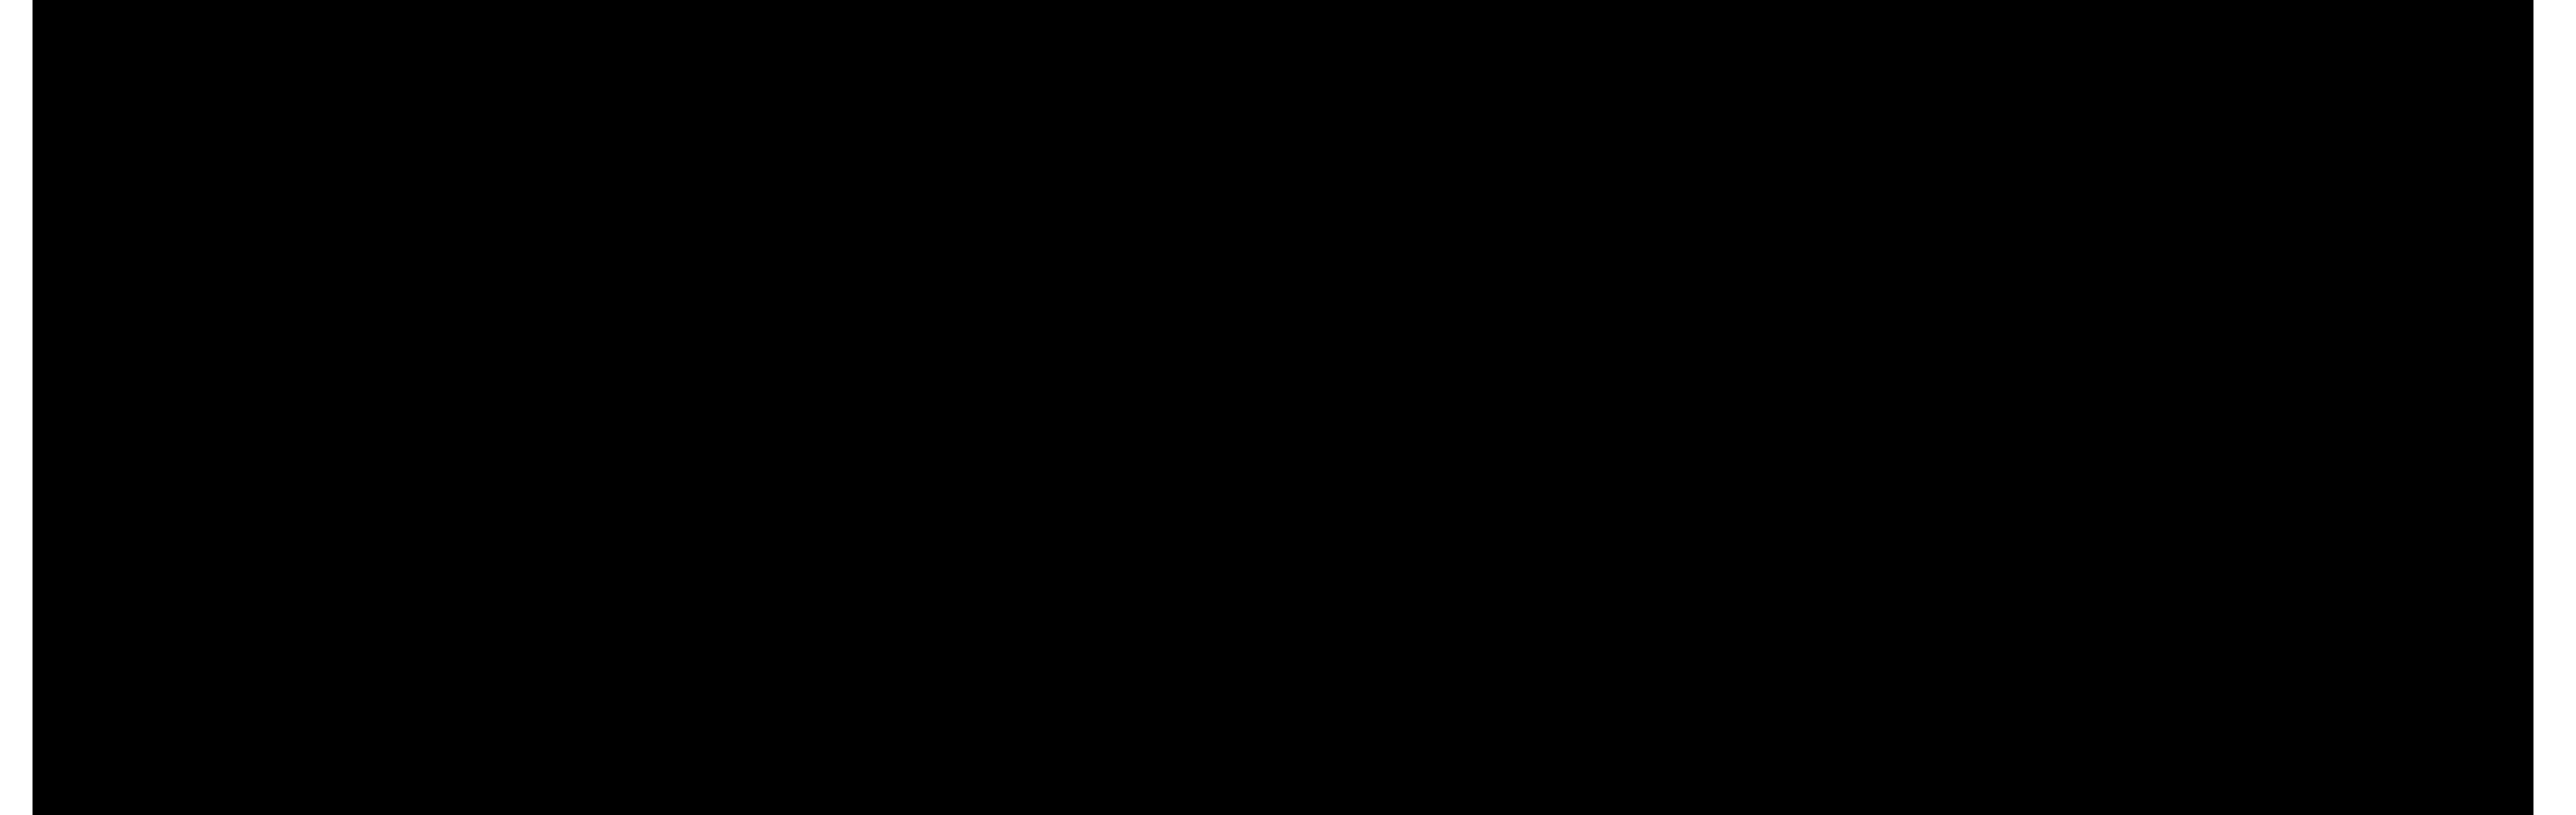 Wwd logo logotype